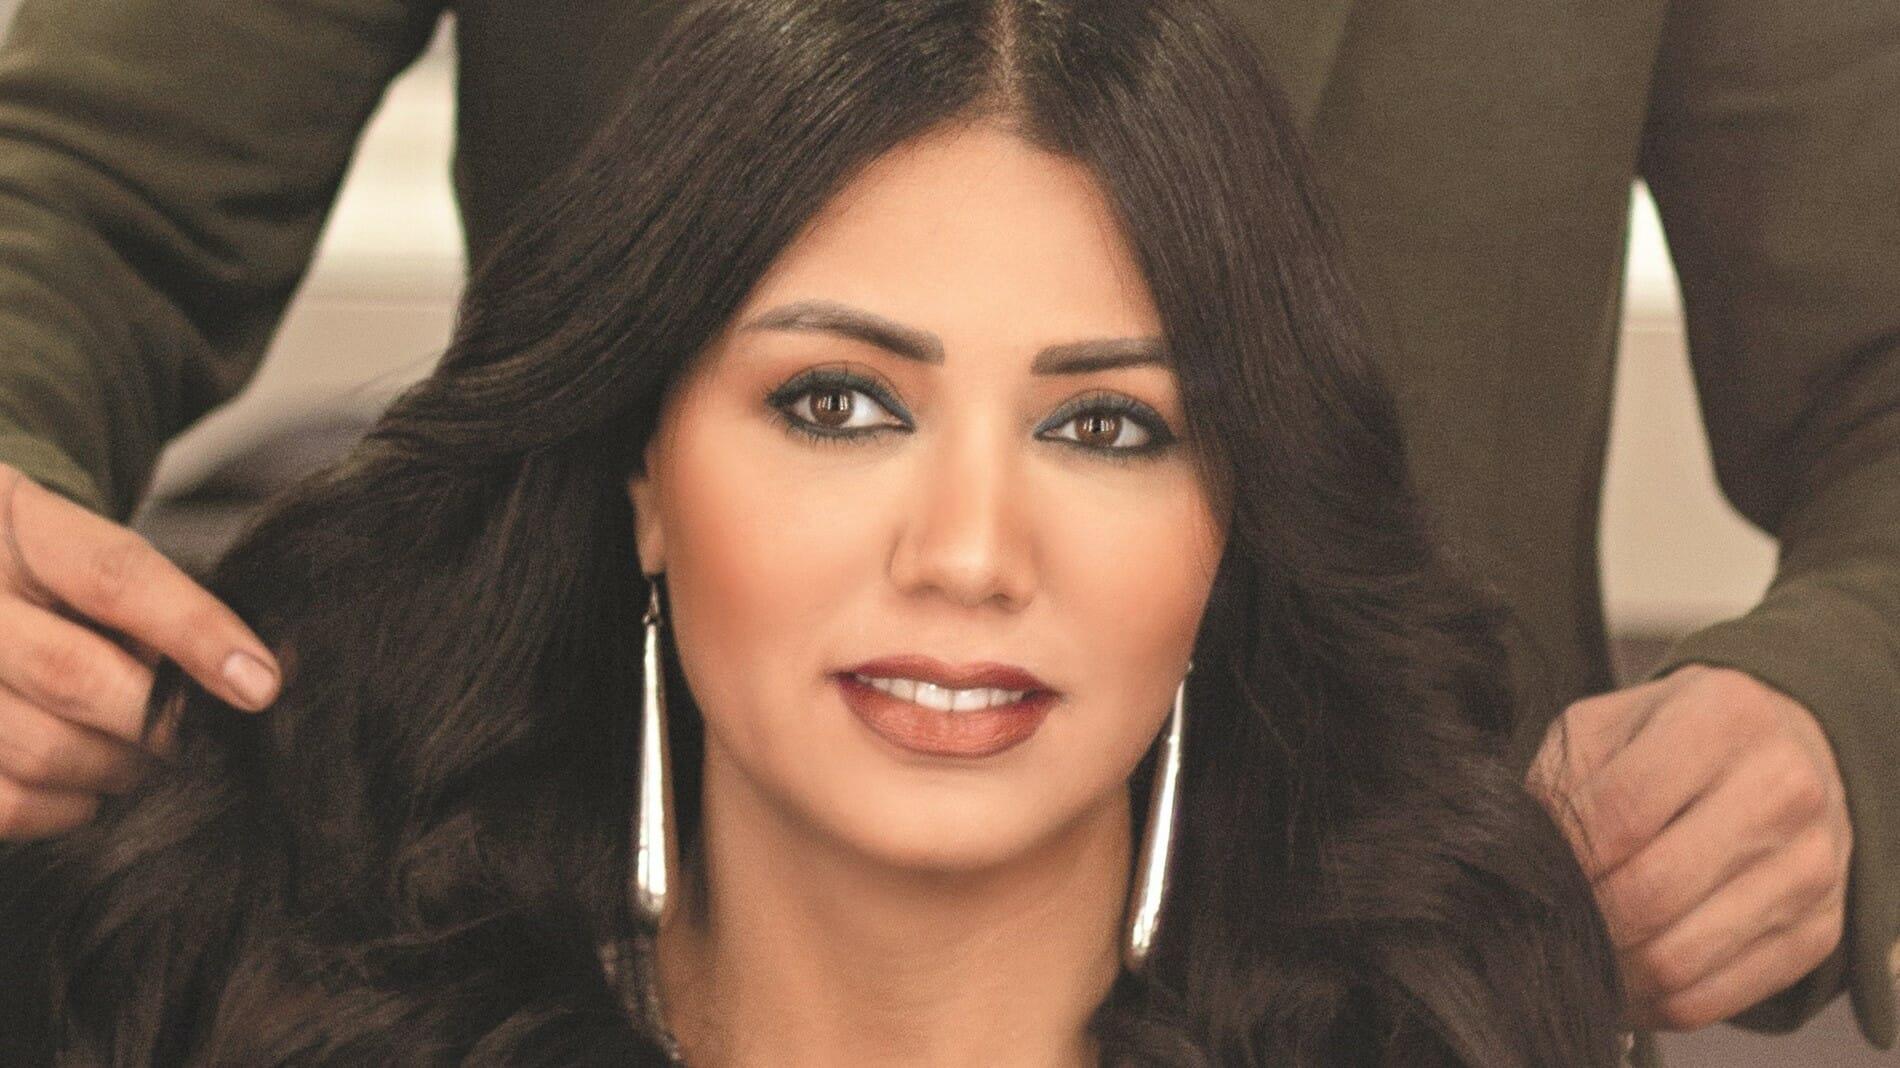 رانيا يوسف تؤدي وصلة رقص بحفل روبي في الساحل الشمالي